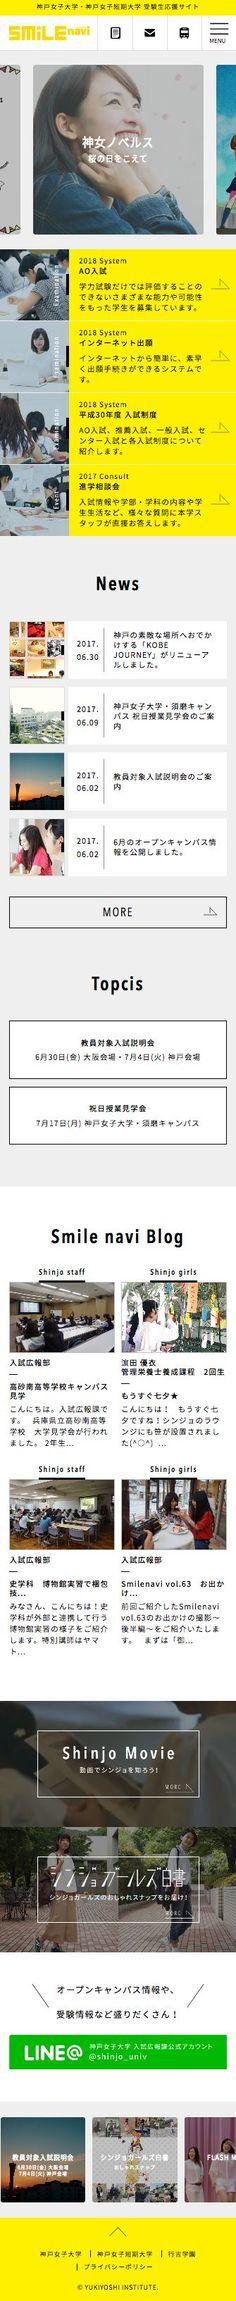 smile-navi-web